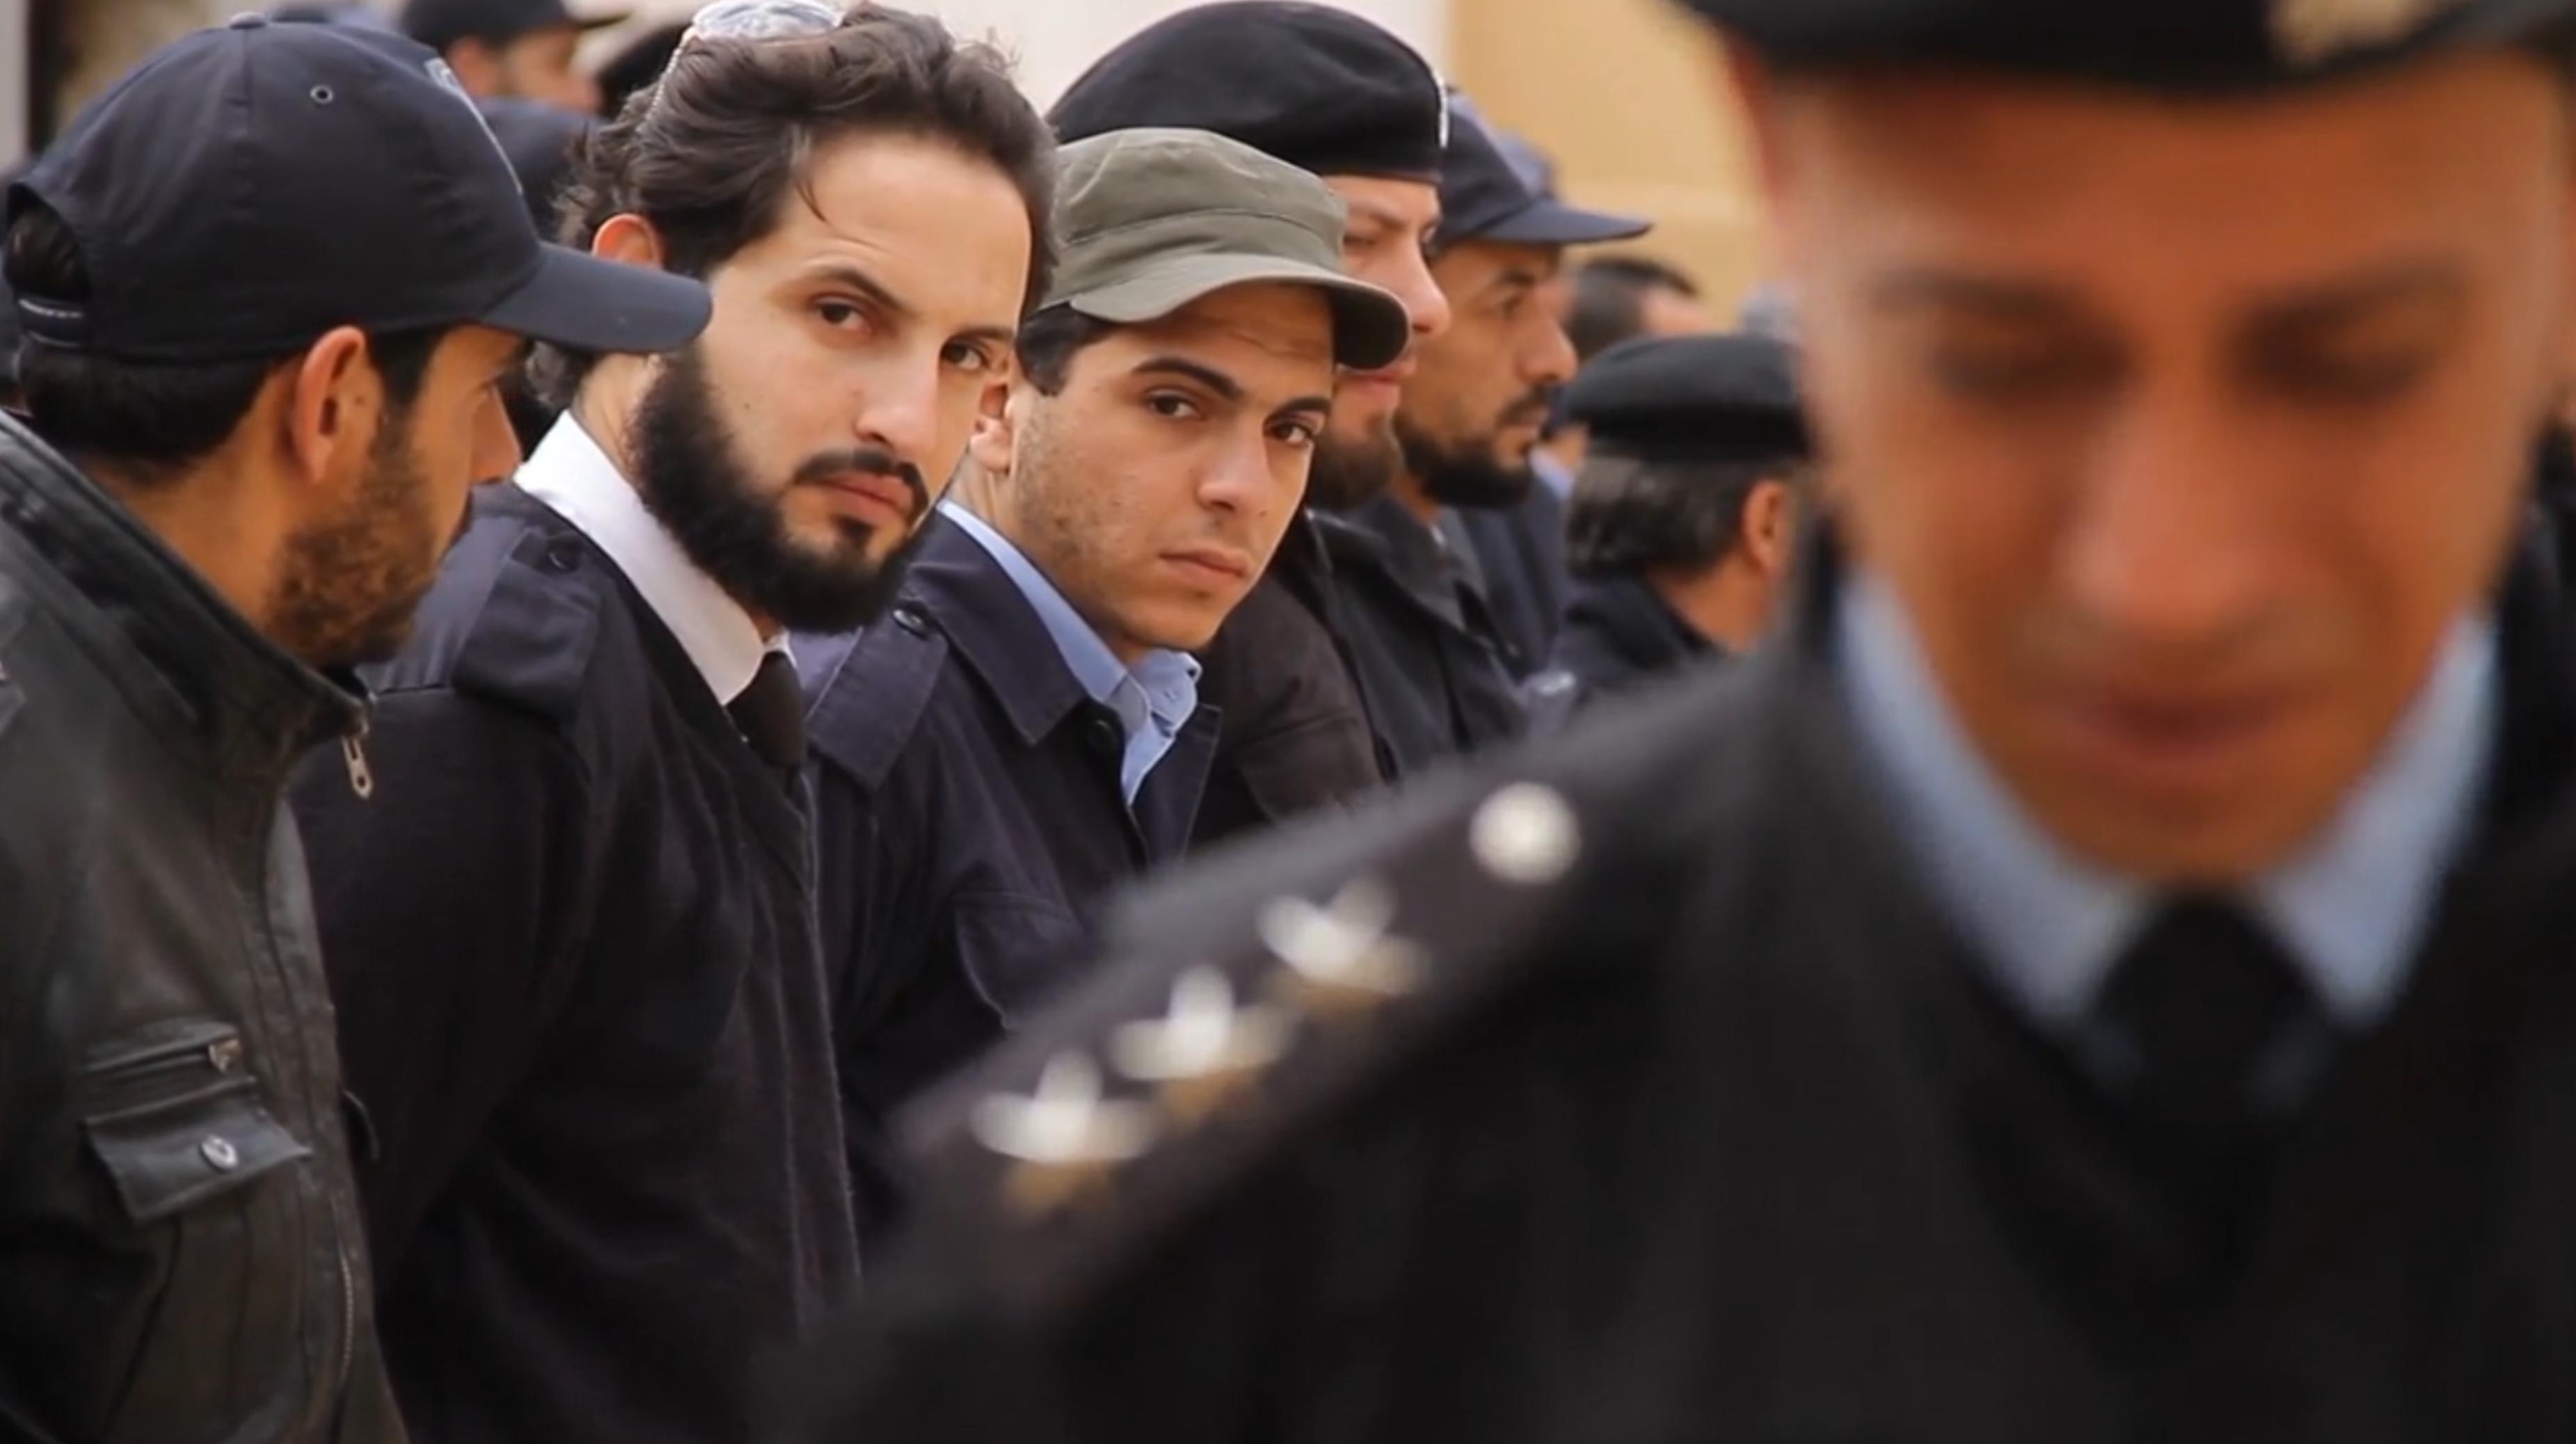 """Photo of """"الجمع الصباحي"""" يعود لشرطة بنغازي بعد غياب طويل"""